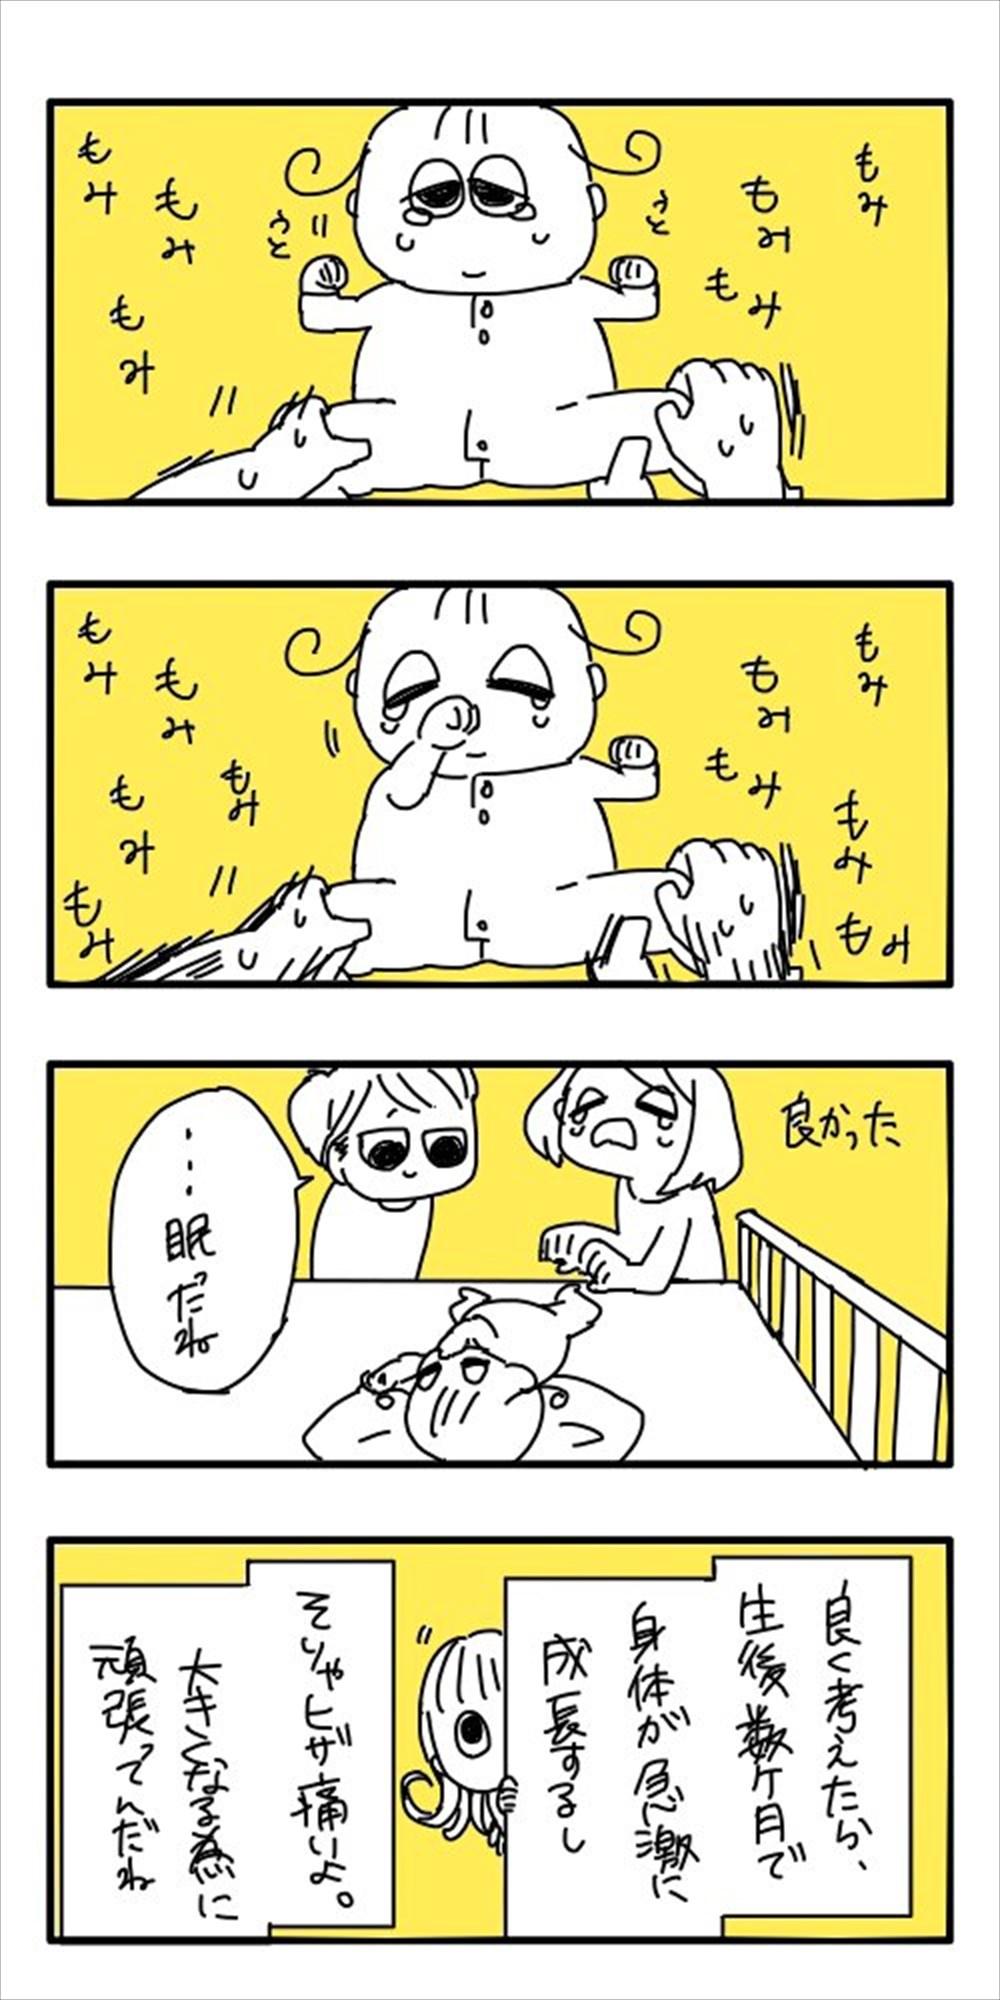 夜泣きの原因がわかった漫画